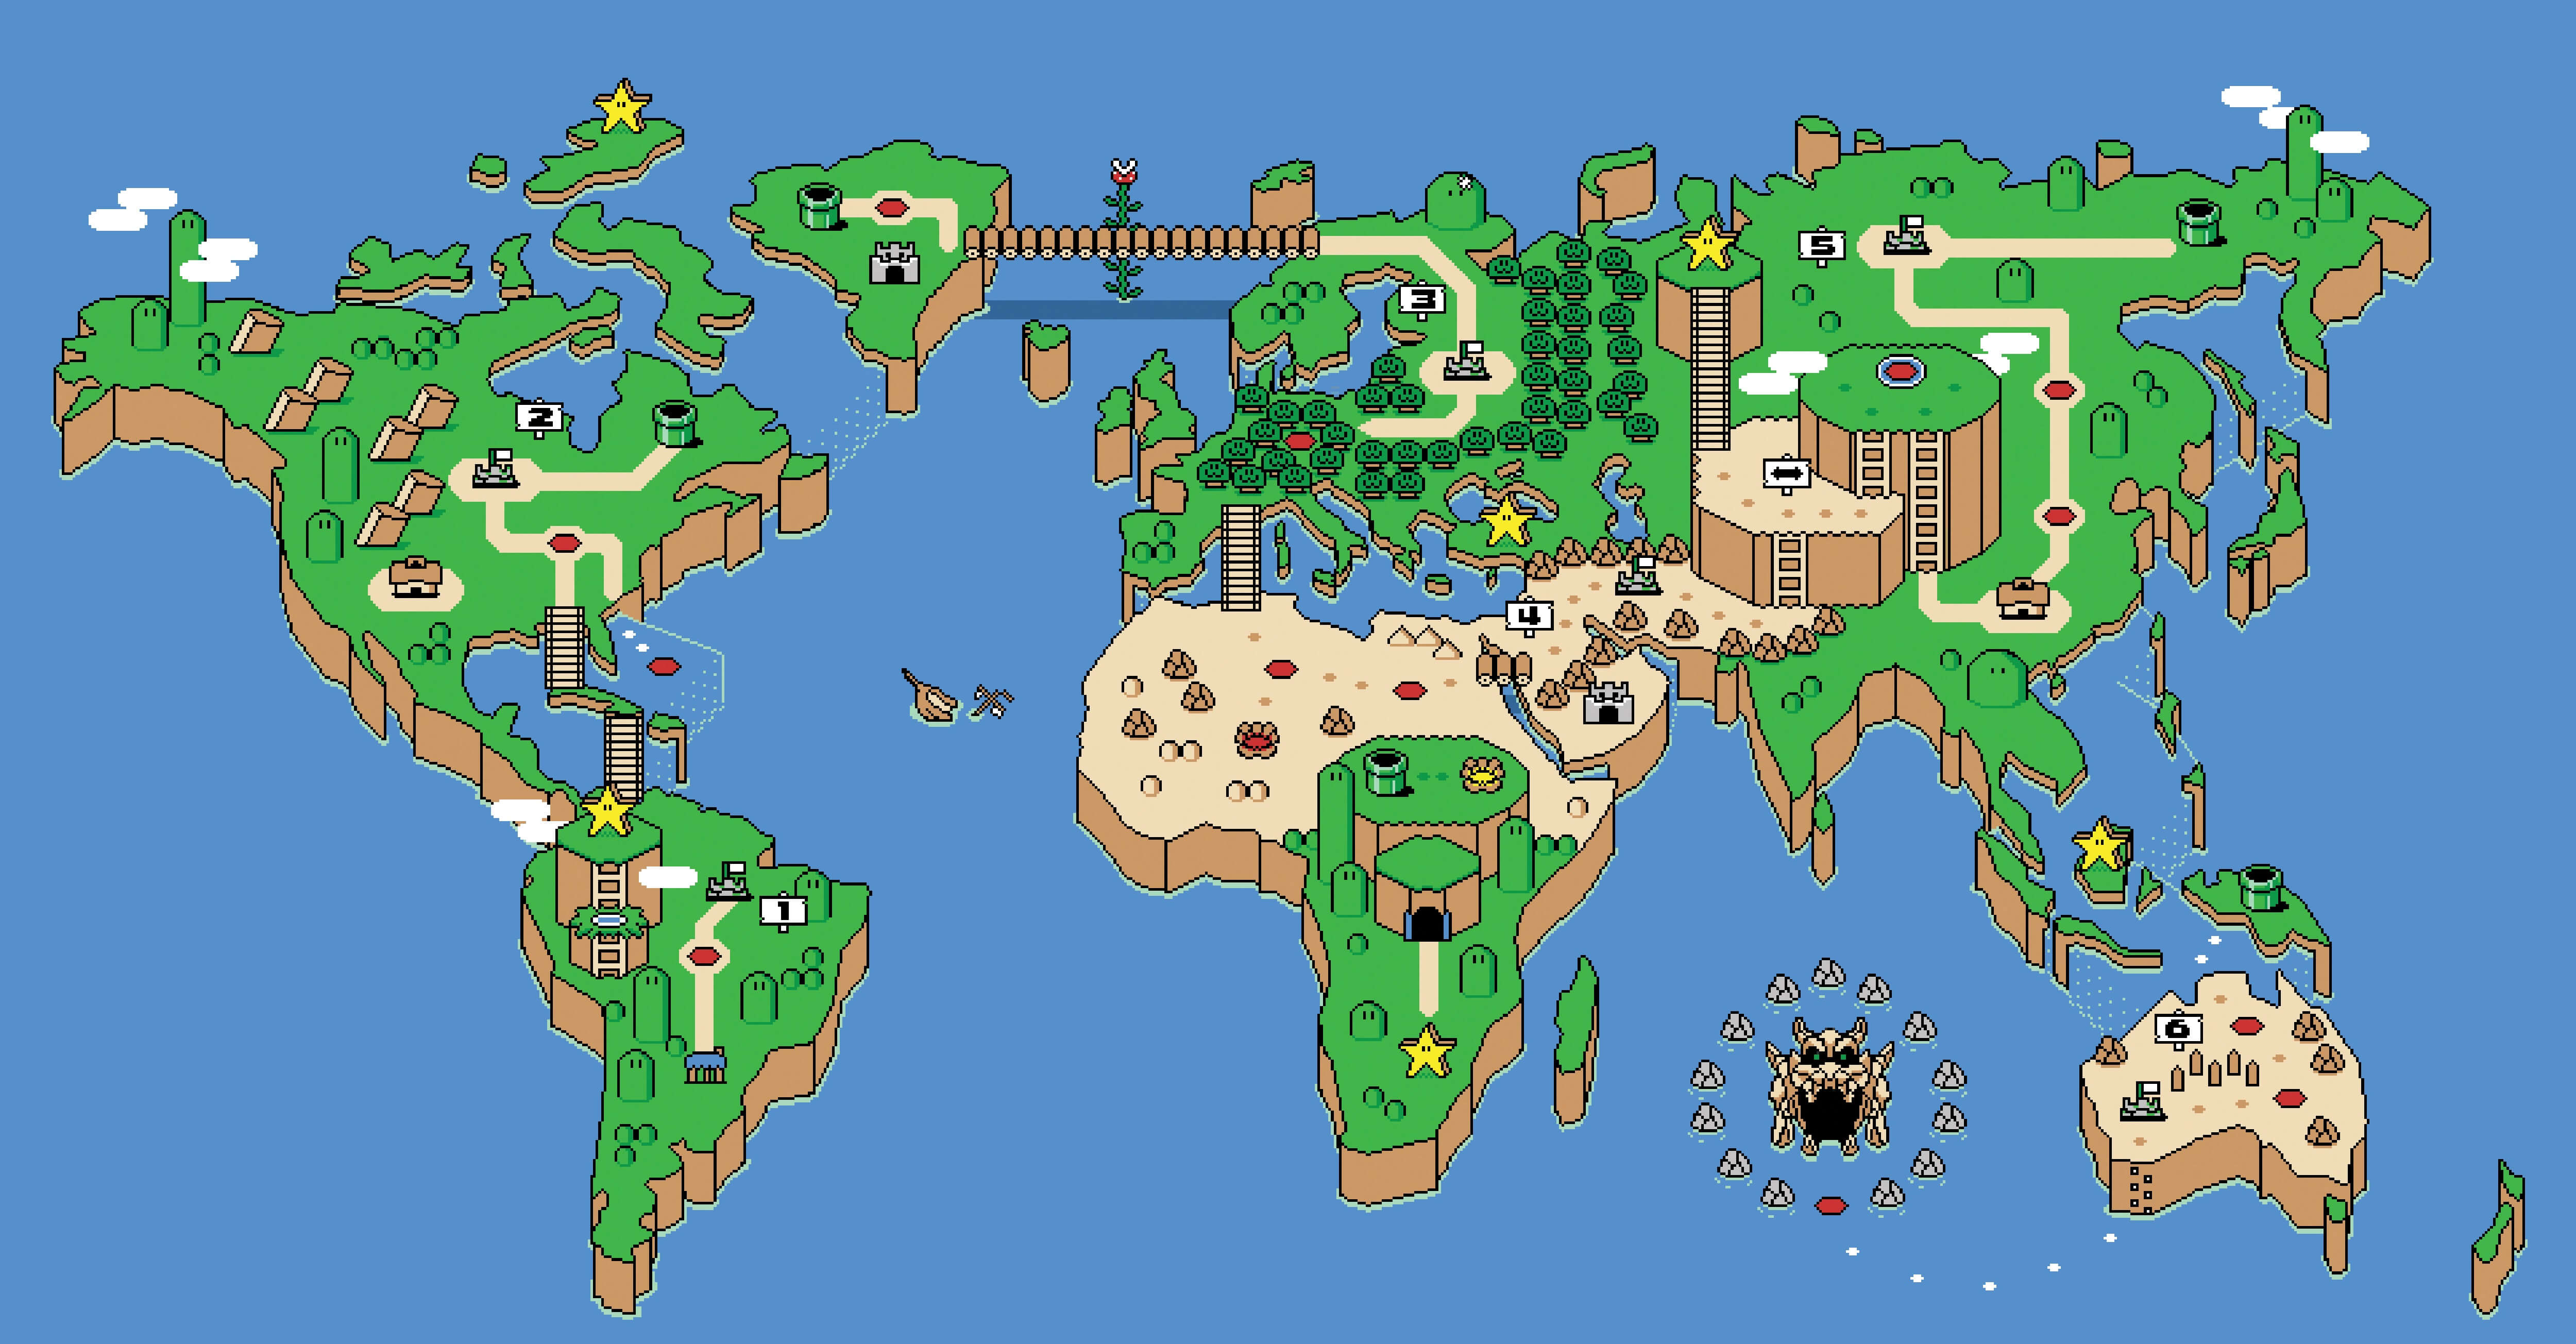 Hình nền bản đồ thế giới Super Mario 5000x2609